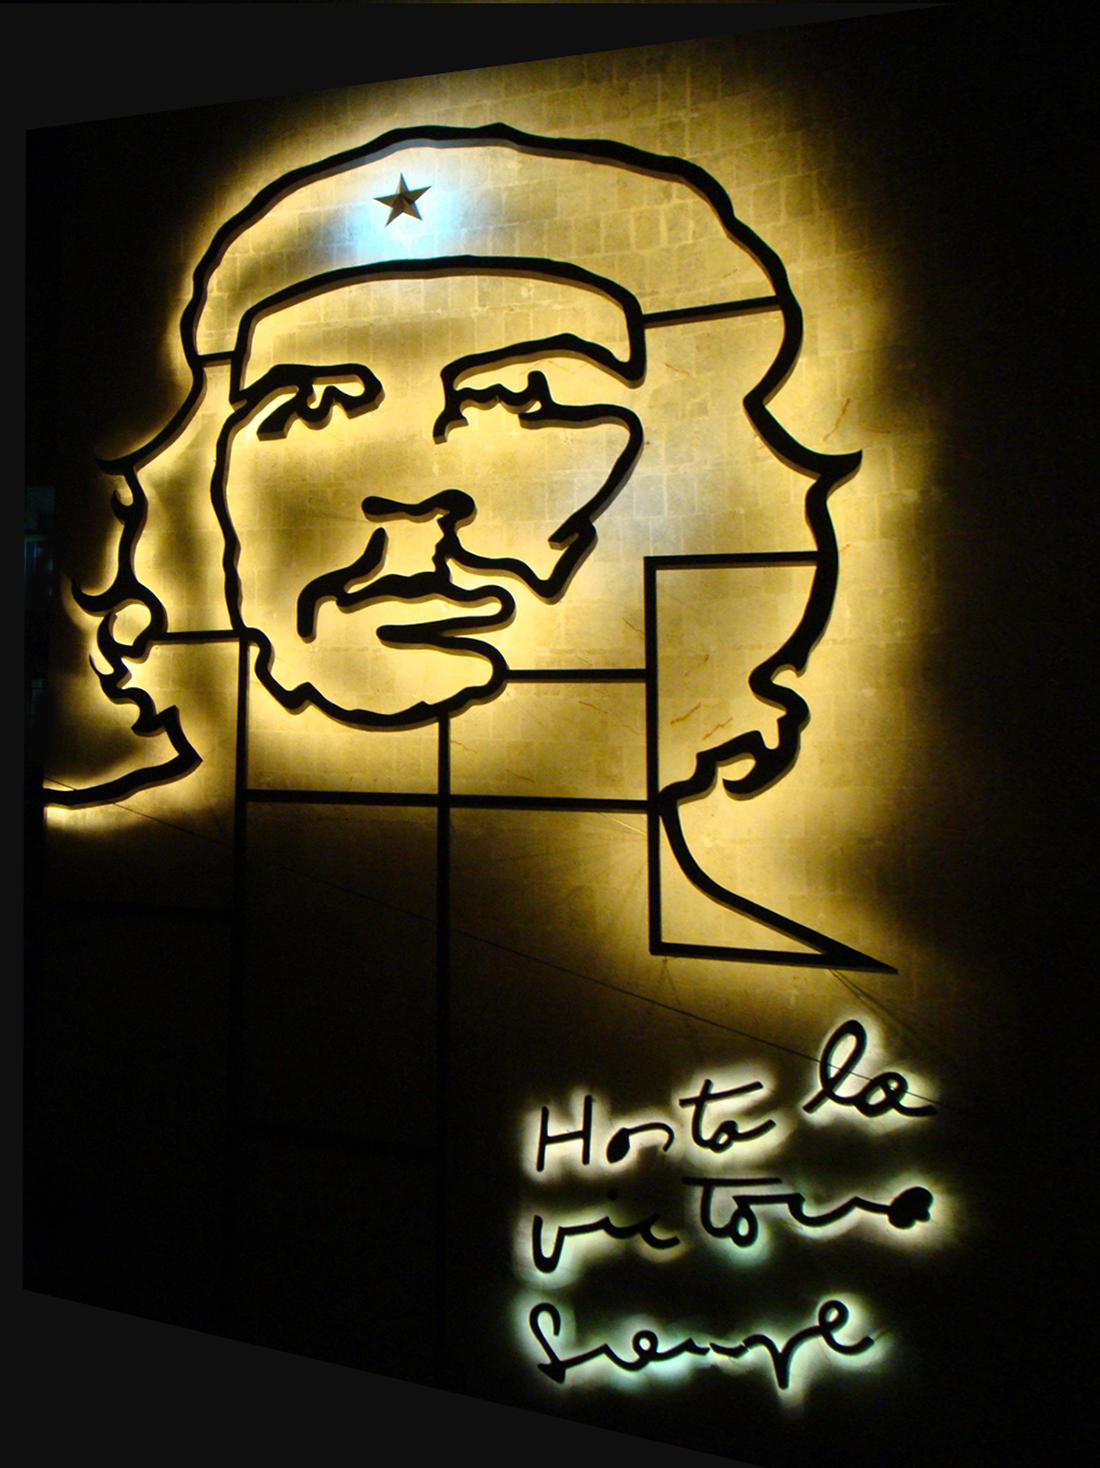 Escultura a relieve iluminada Che Guevara, escultor Enrique Ávila